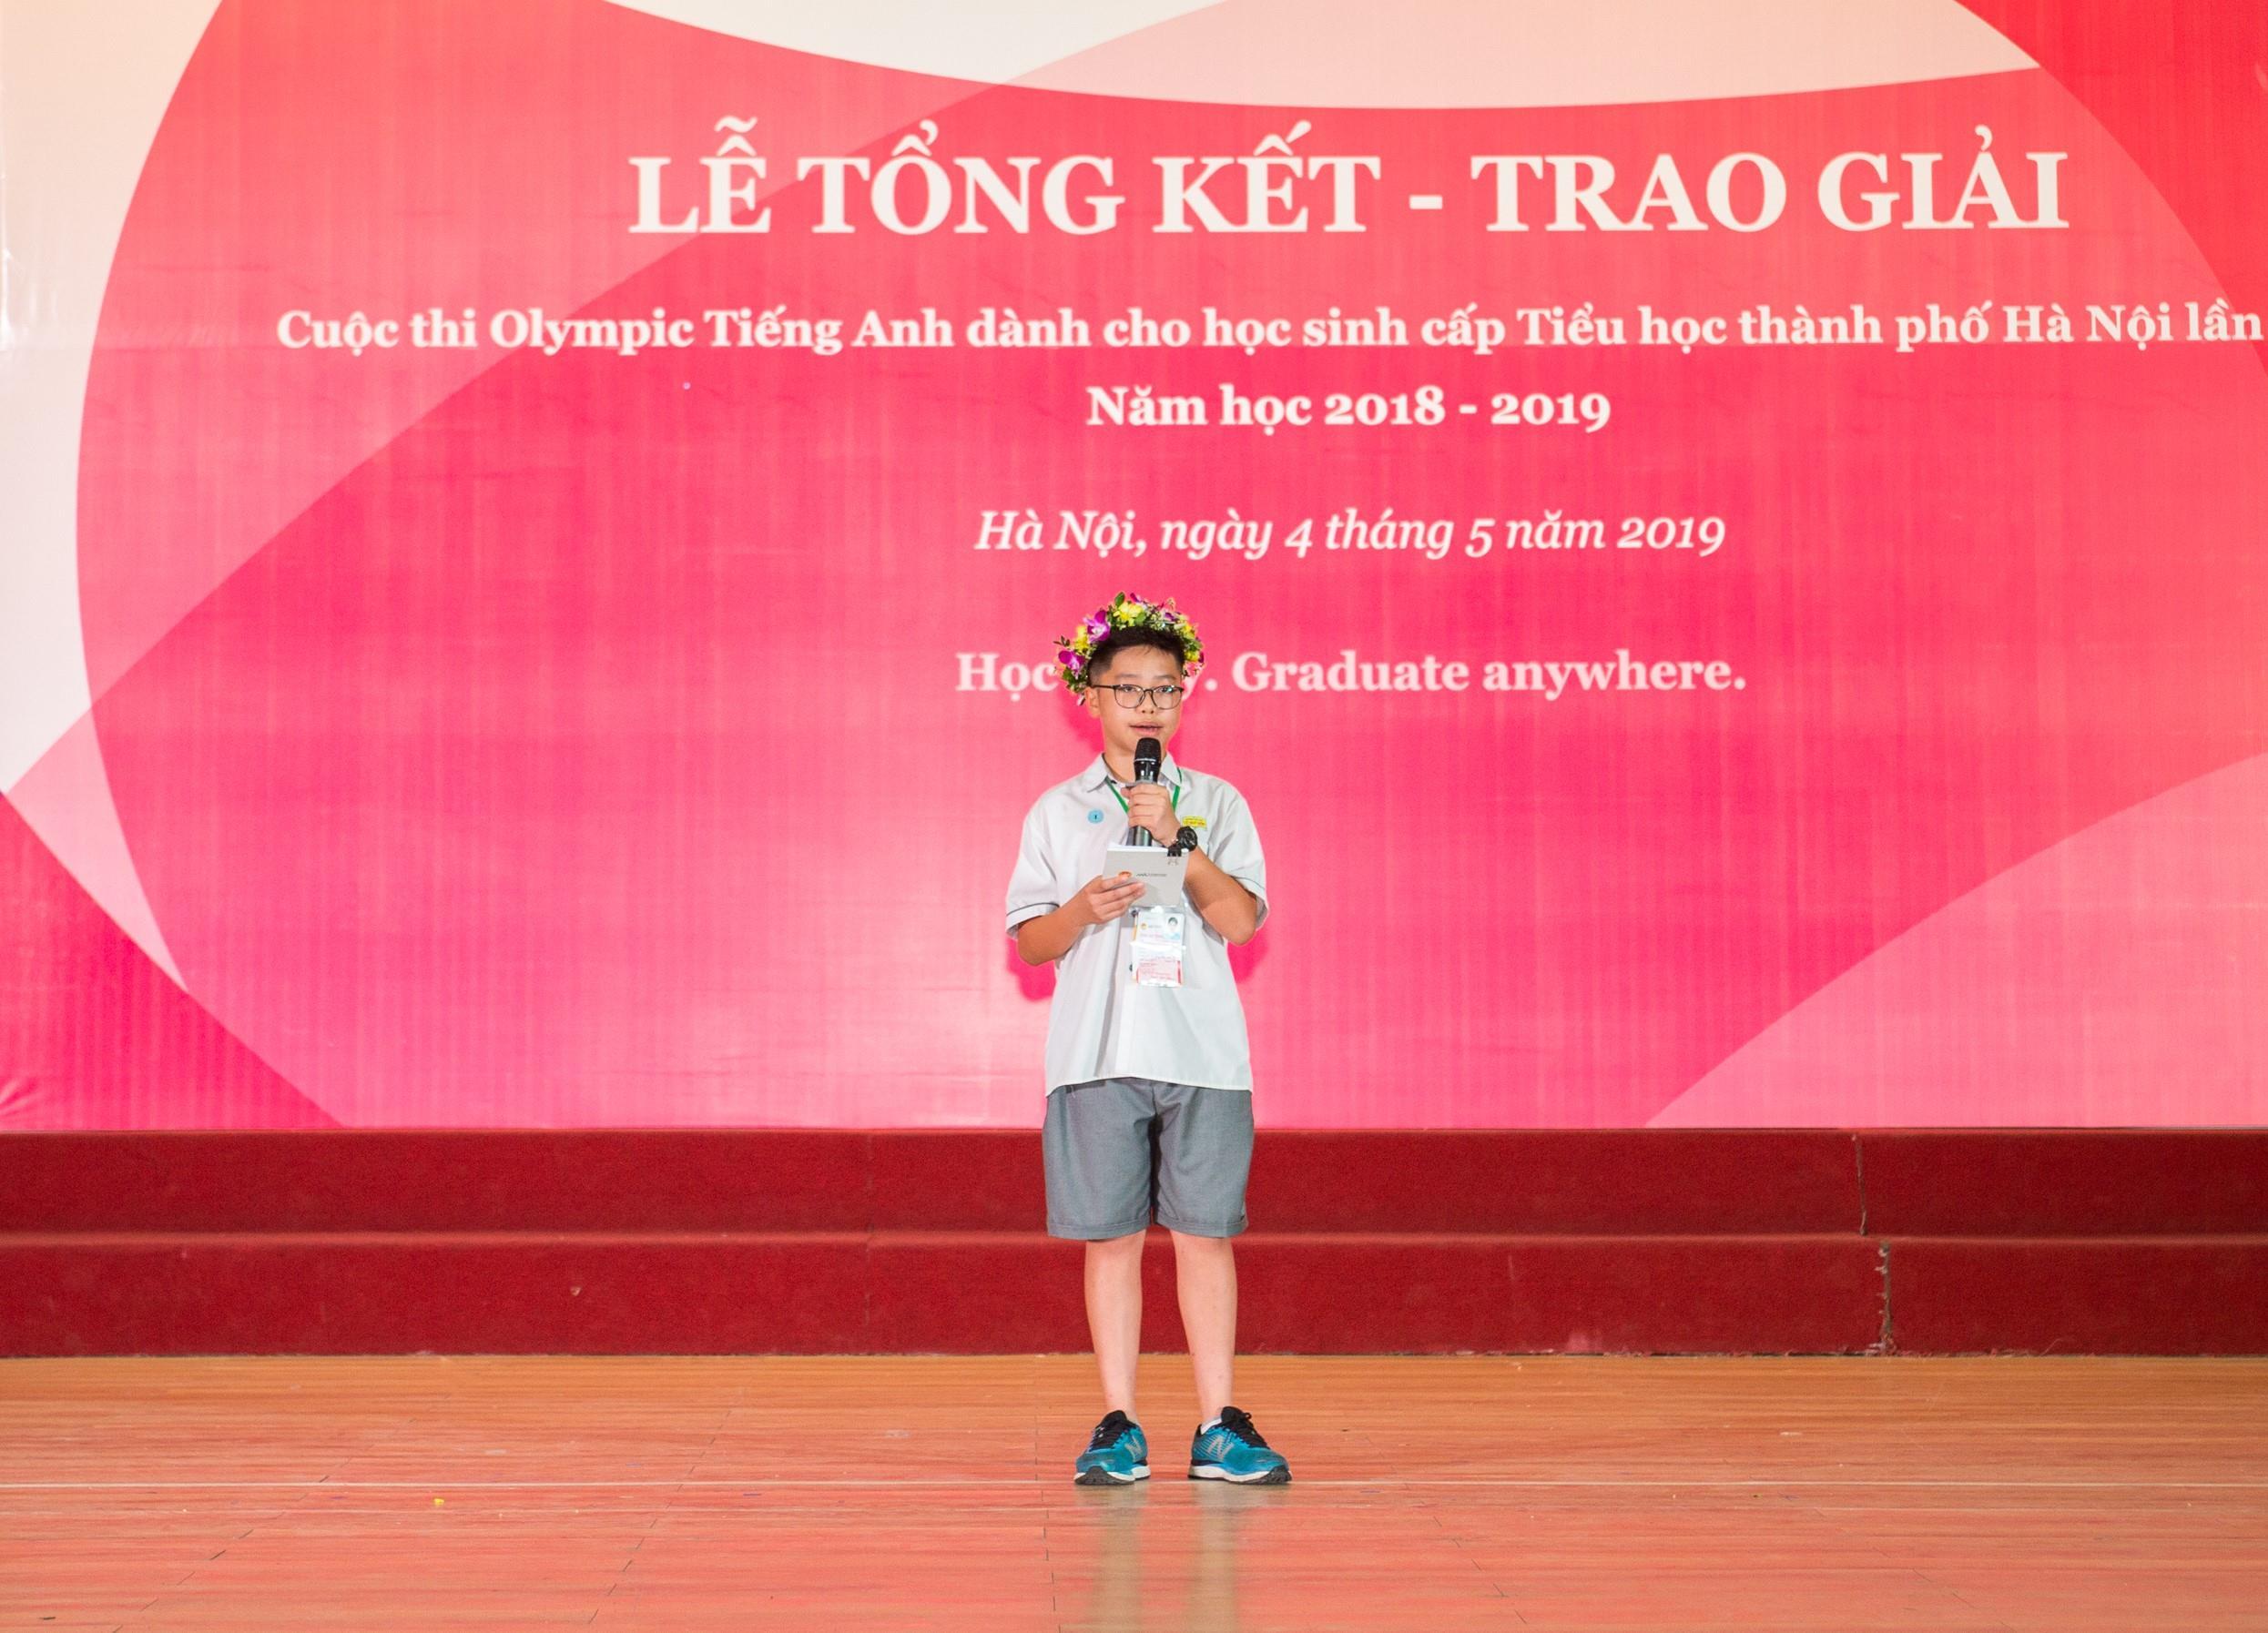 Mai Phúc Huy: Quán quân cuộc thi Olympic Tiếng Anh Tiểu học lần thứ 16 năm 2019 (21/5/2019)